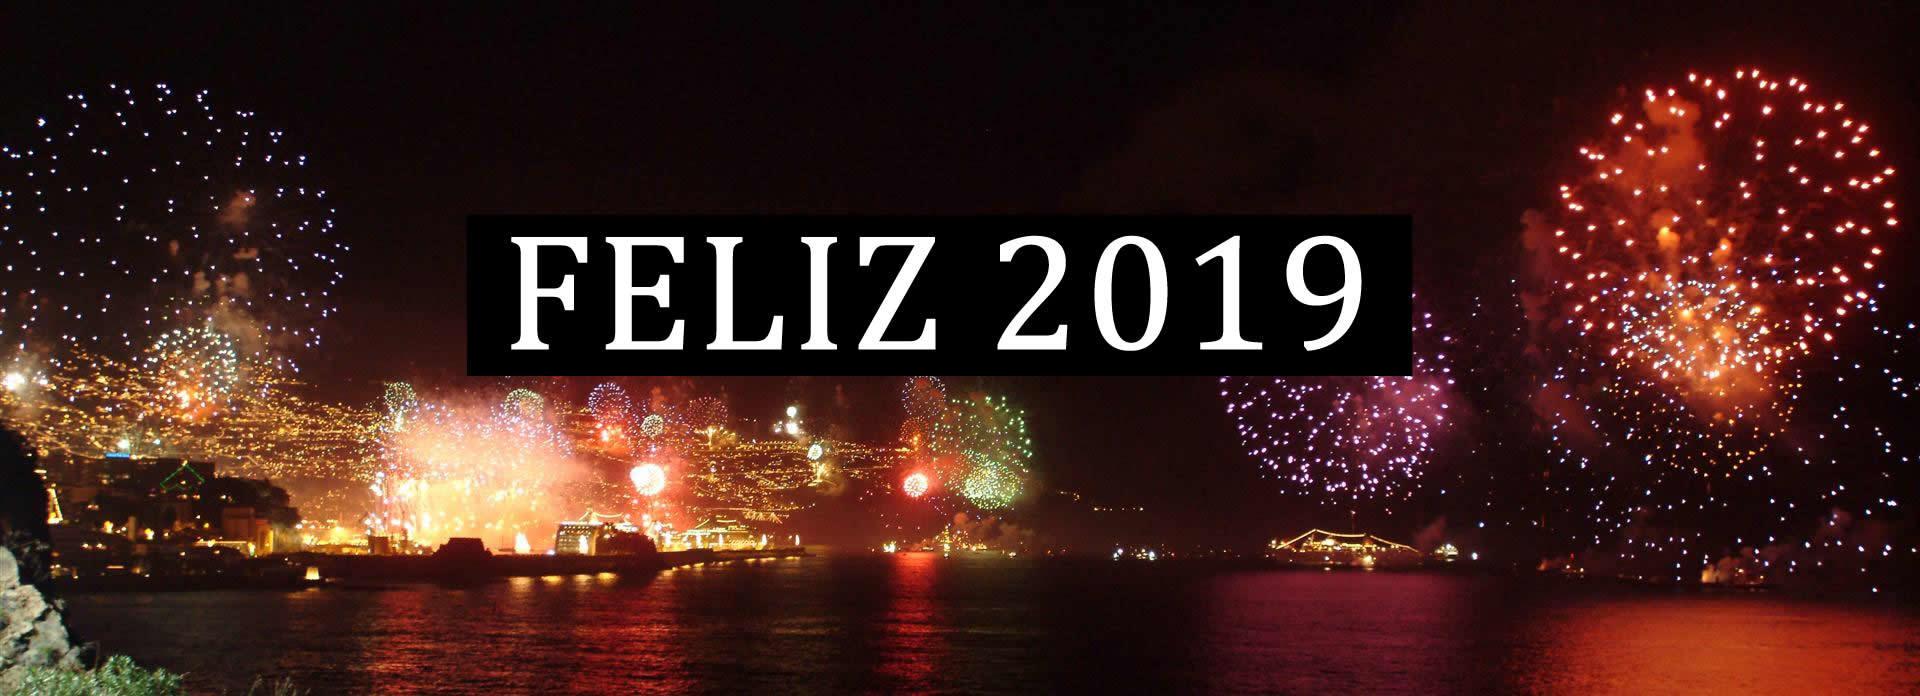 Resultado de imagem para feliz ano novo 2019